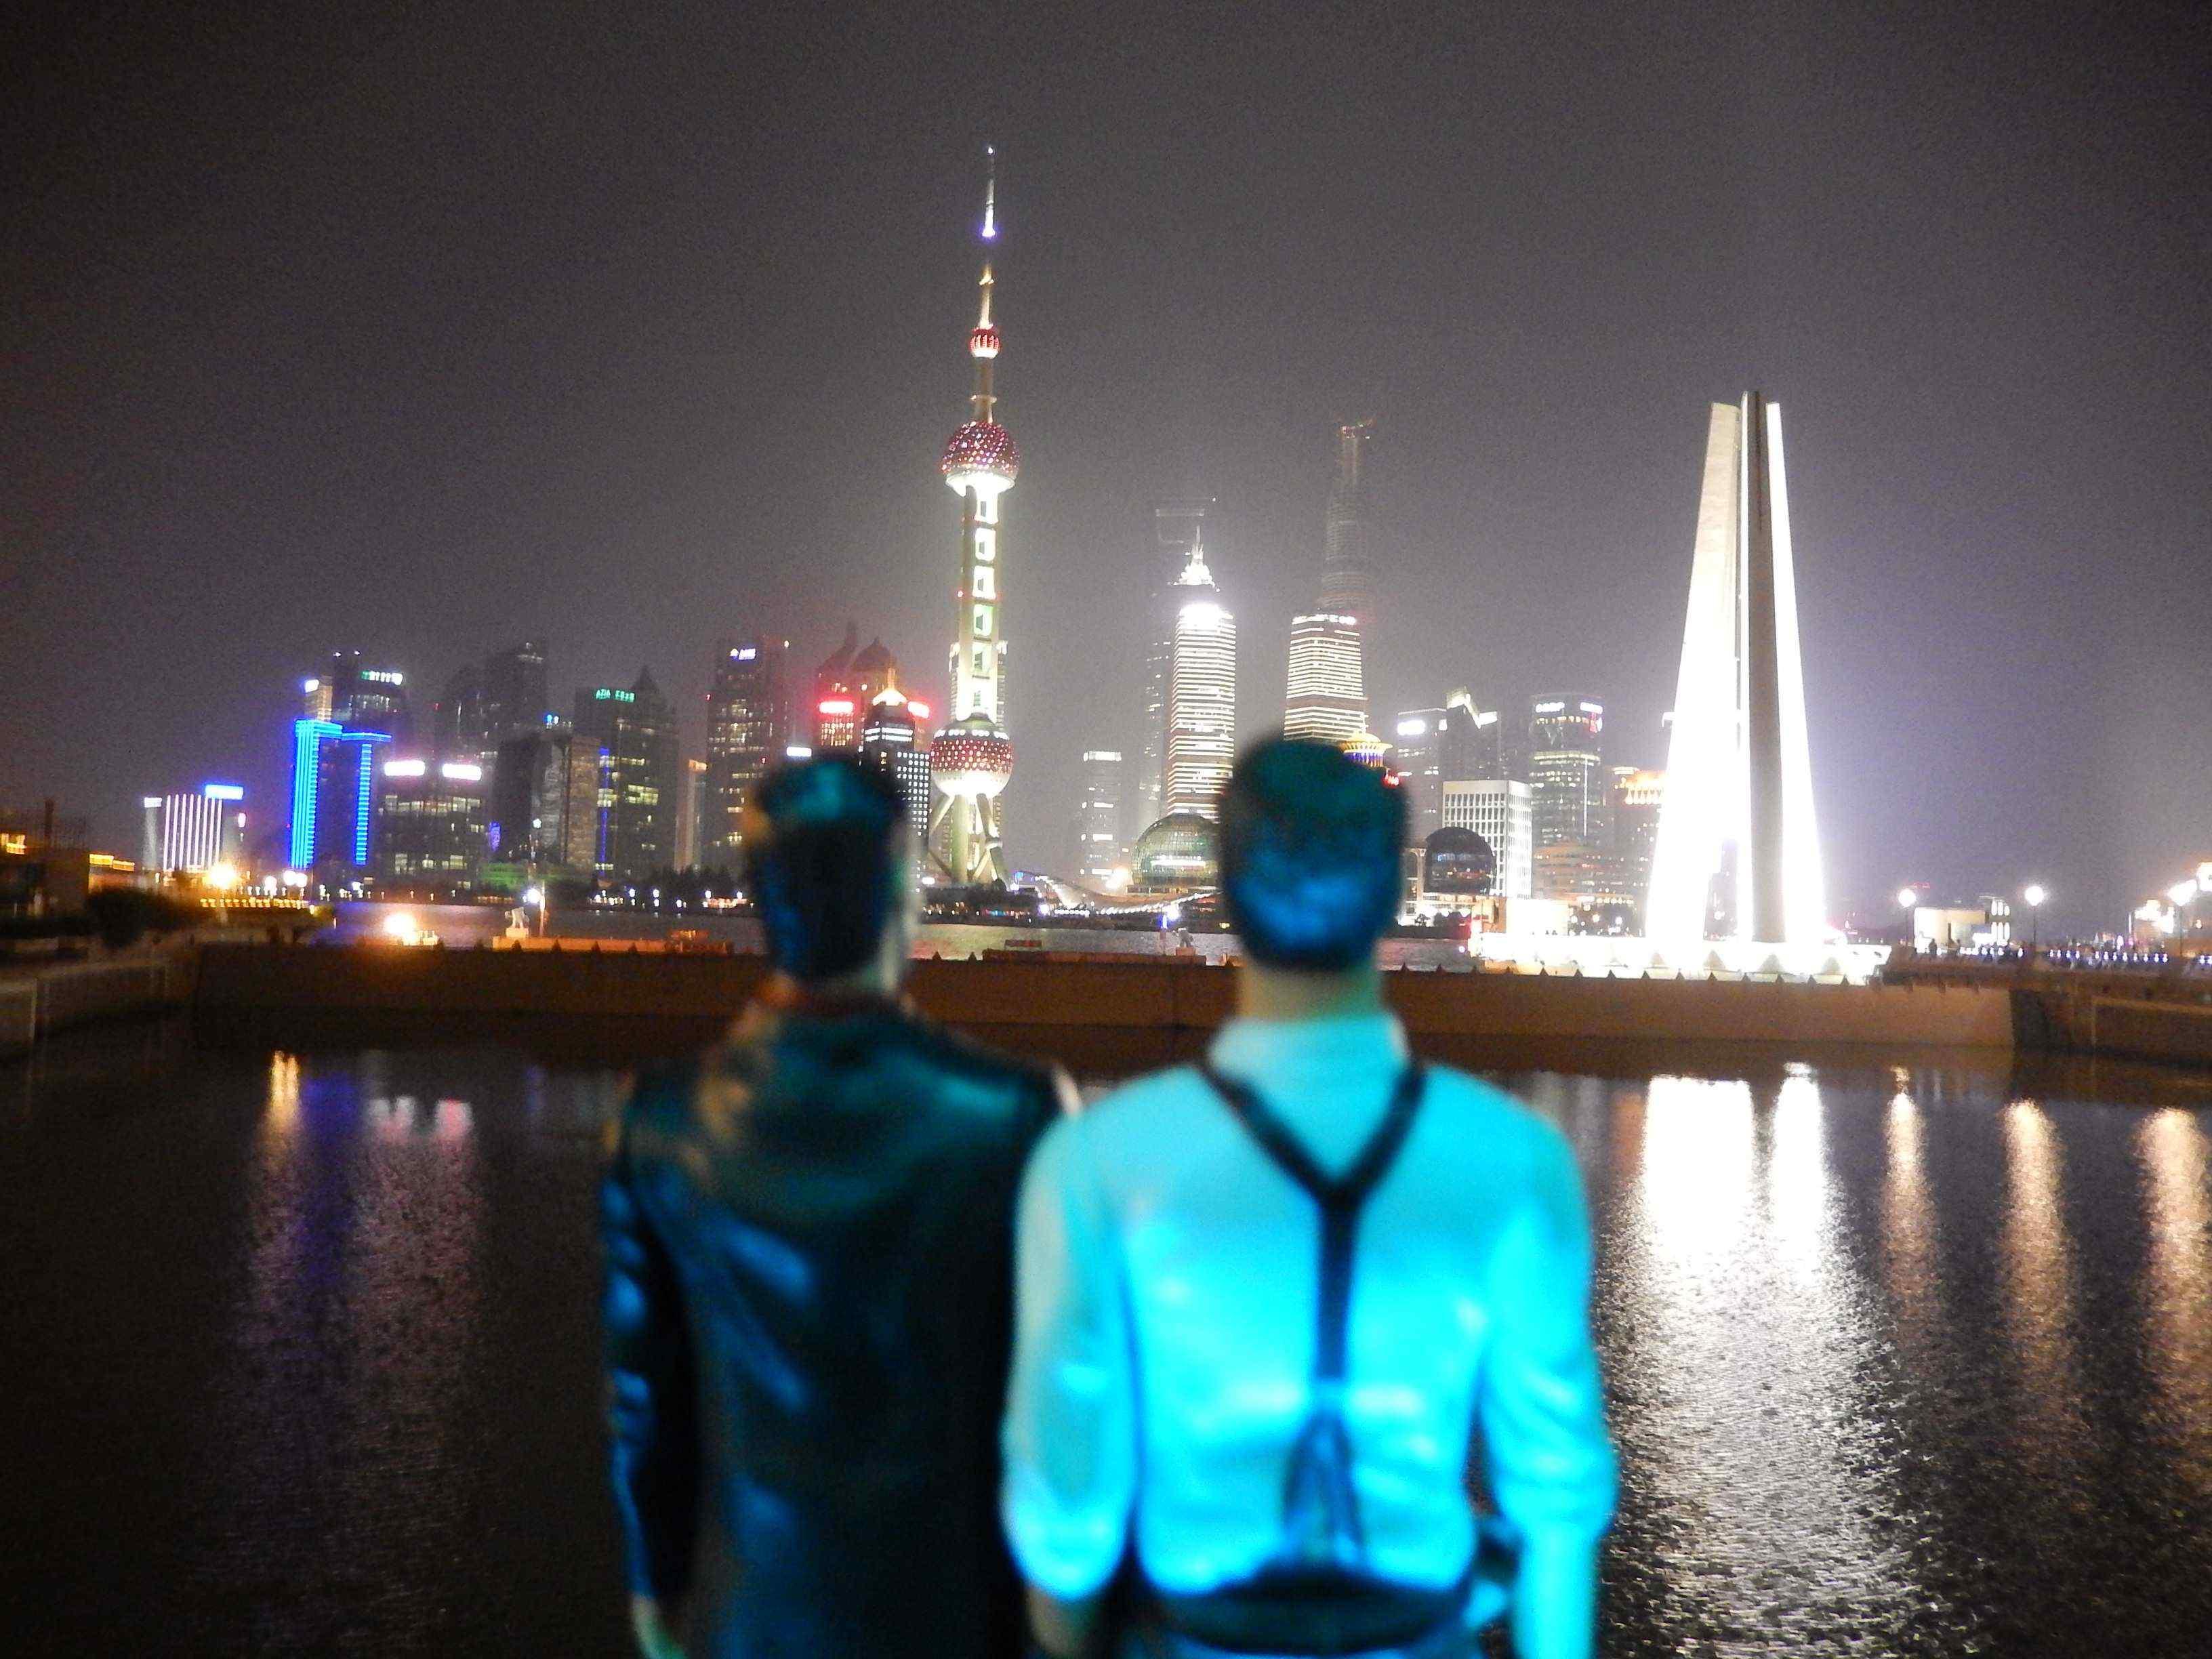 2013.06.18 - 07 - Shanghai